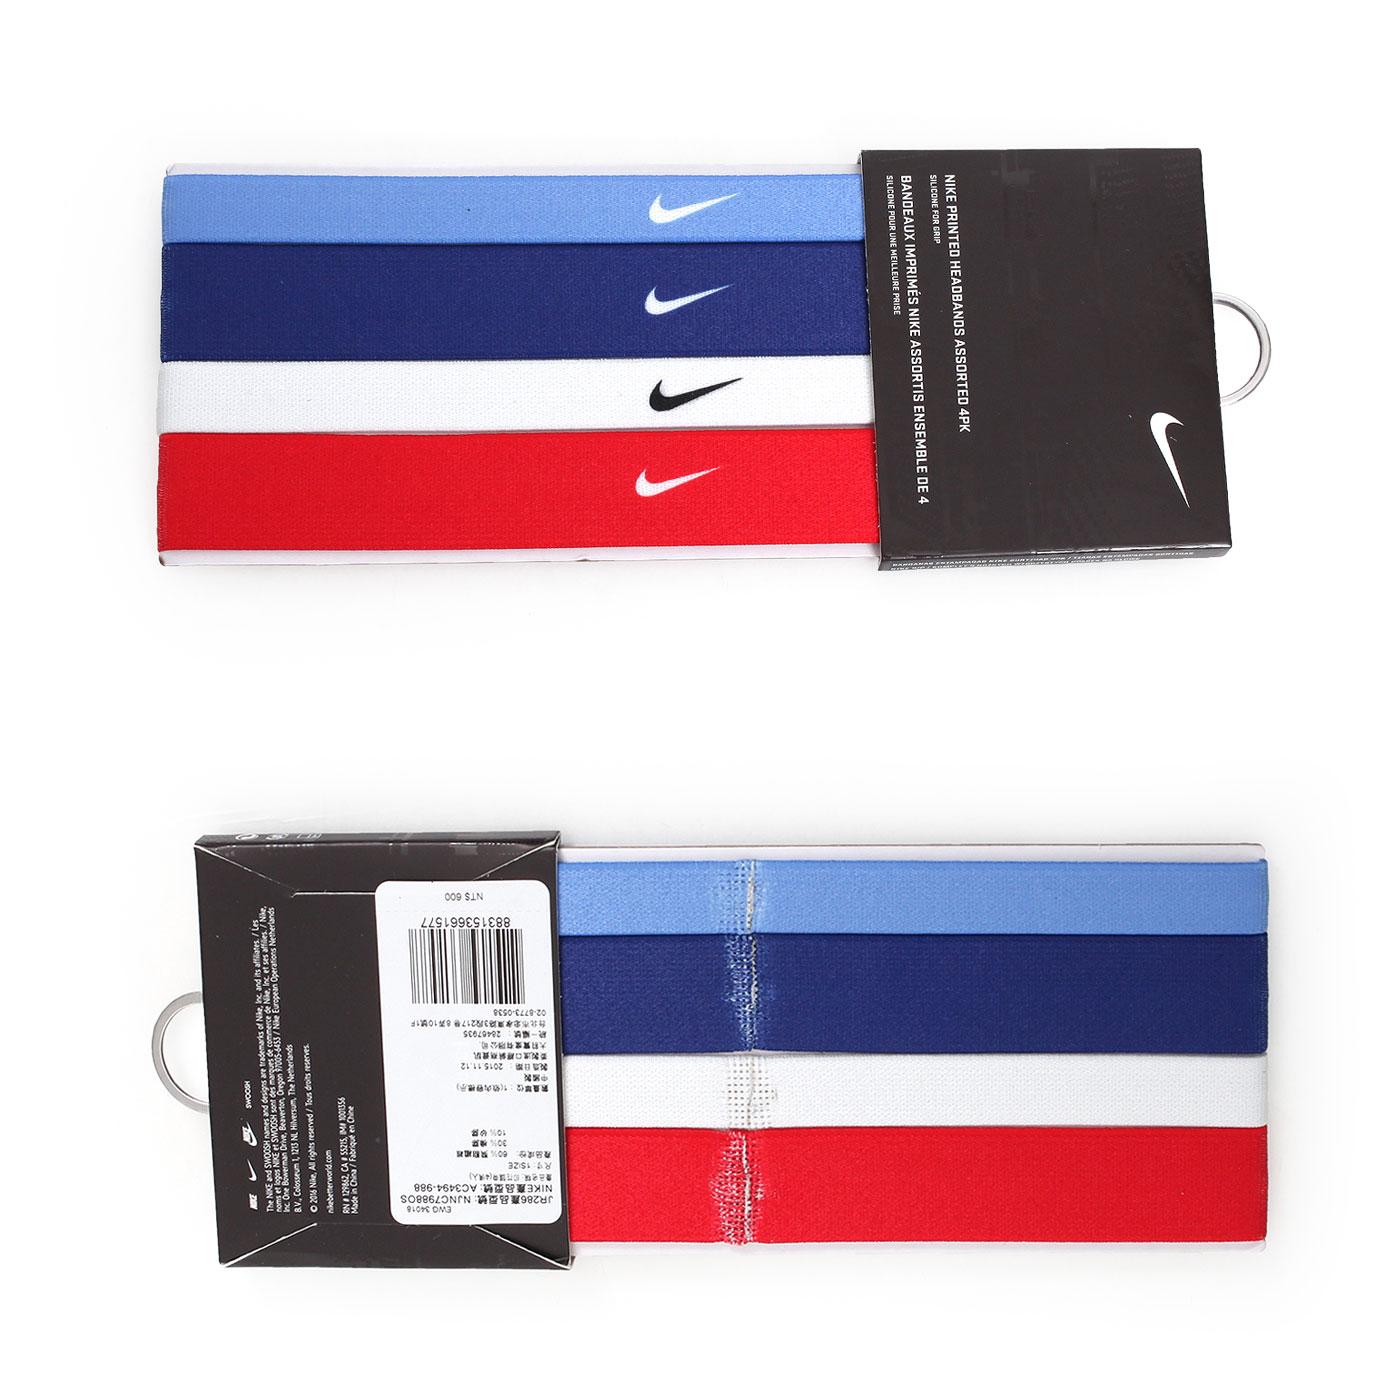 NIKE 印花頭帶(4條入) NJNC7900OS - 紅藍白